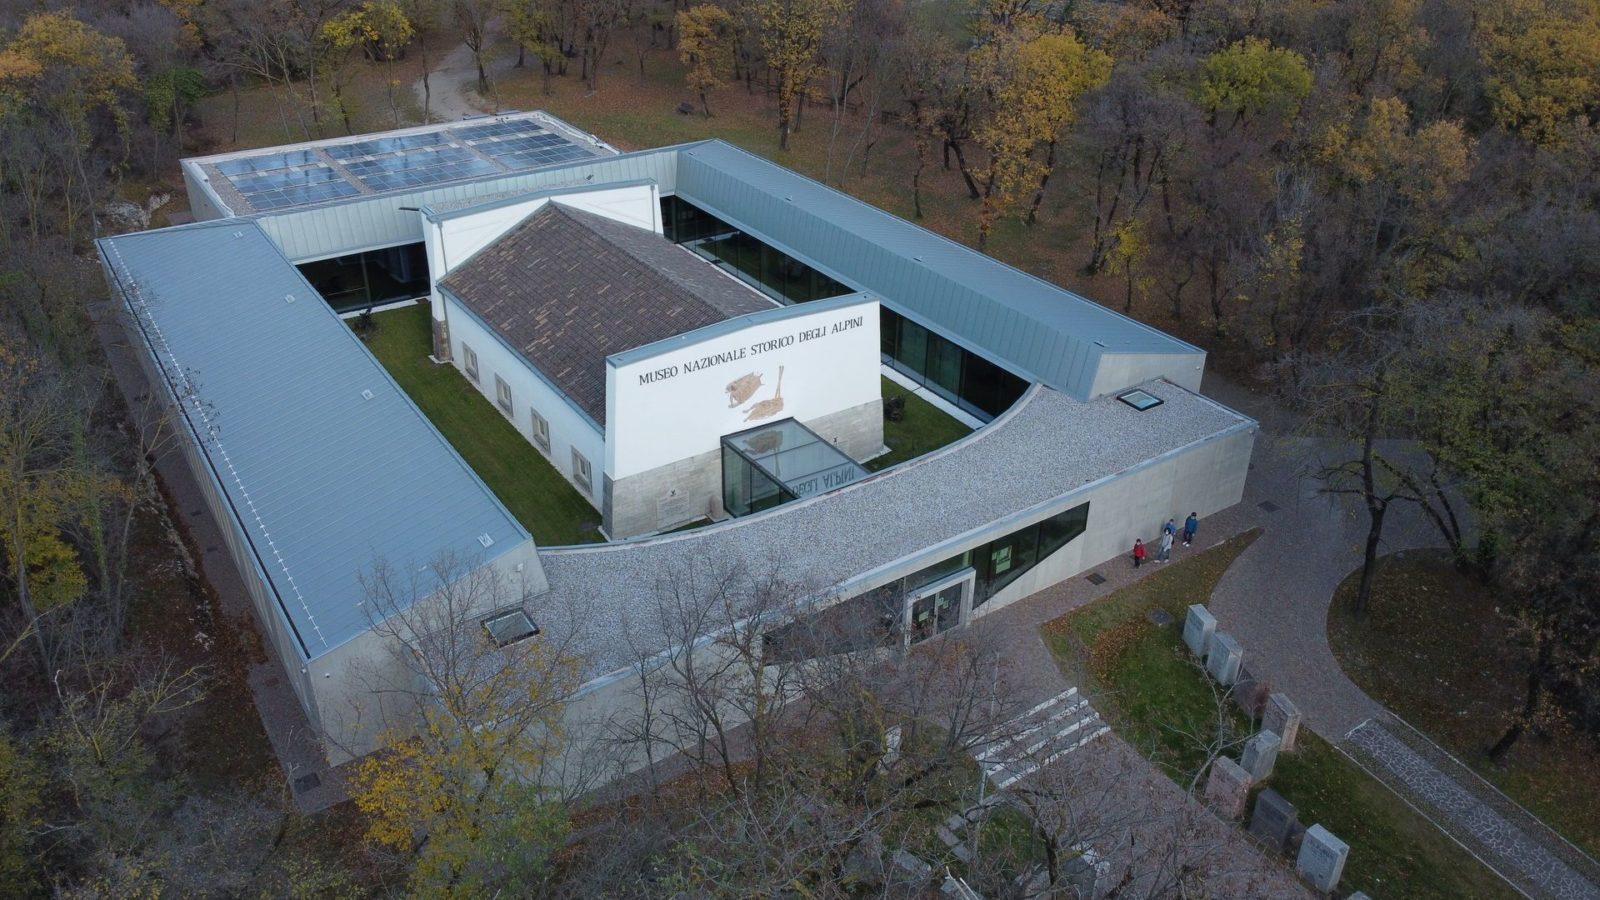 Museo nazionale storico degli Alpini - Realizzazione Covi Costruzioni